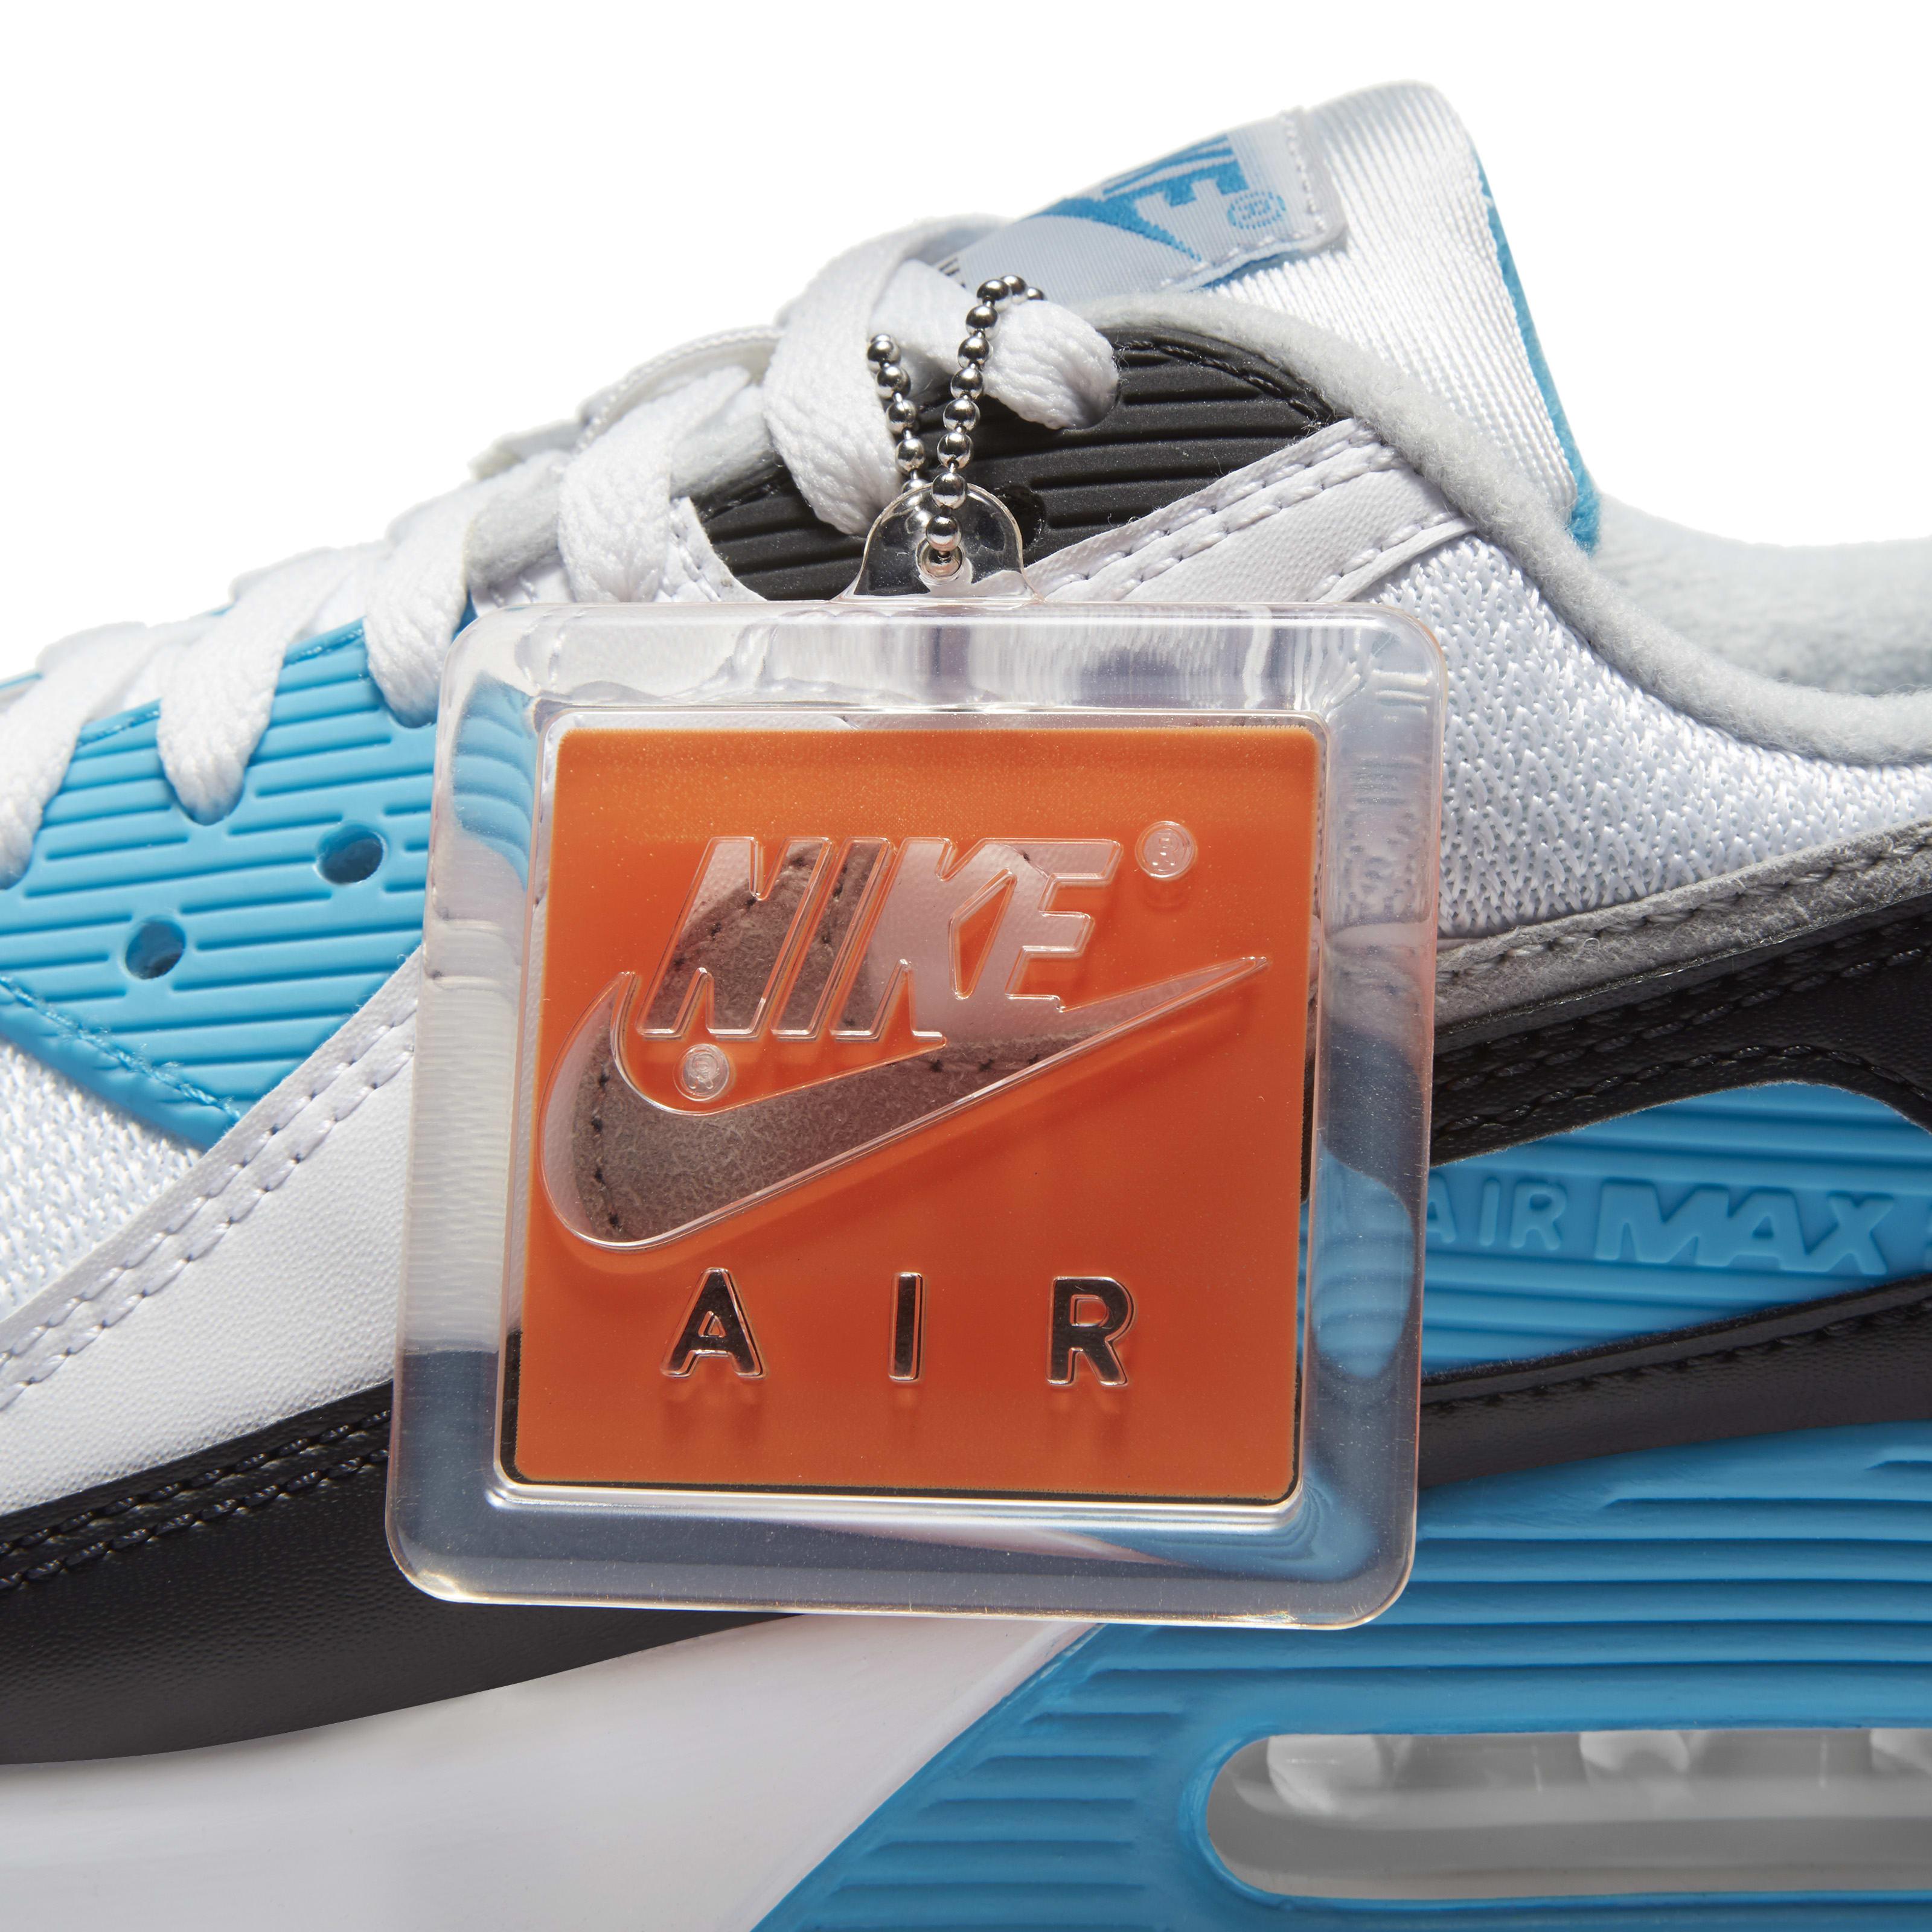 Nike Air Max 90 'Laser Blue' 2020 Hang Tag